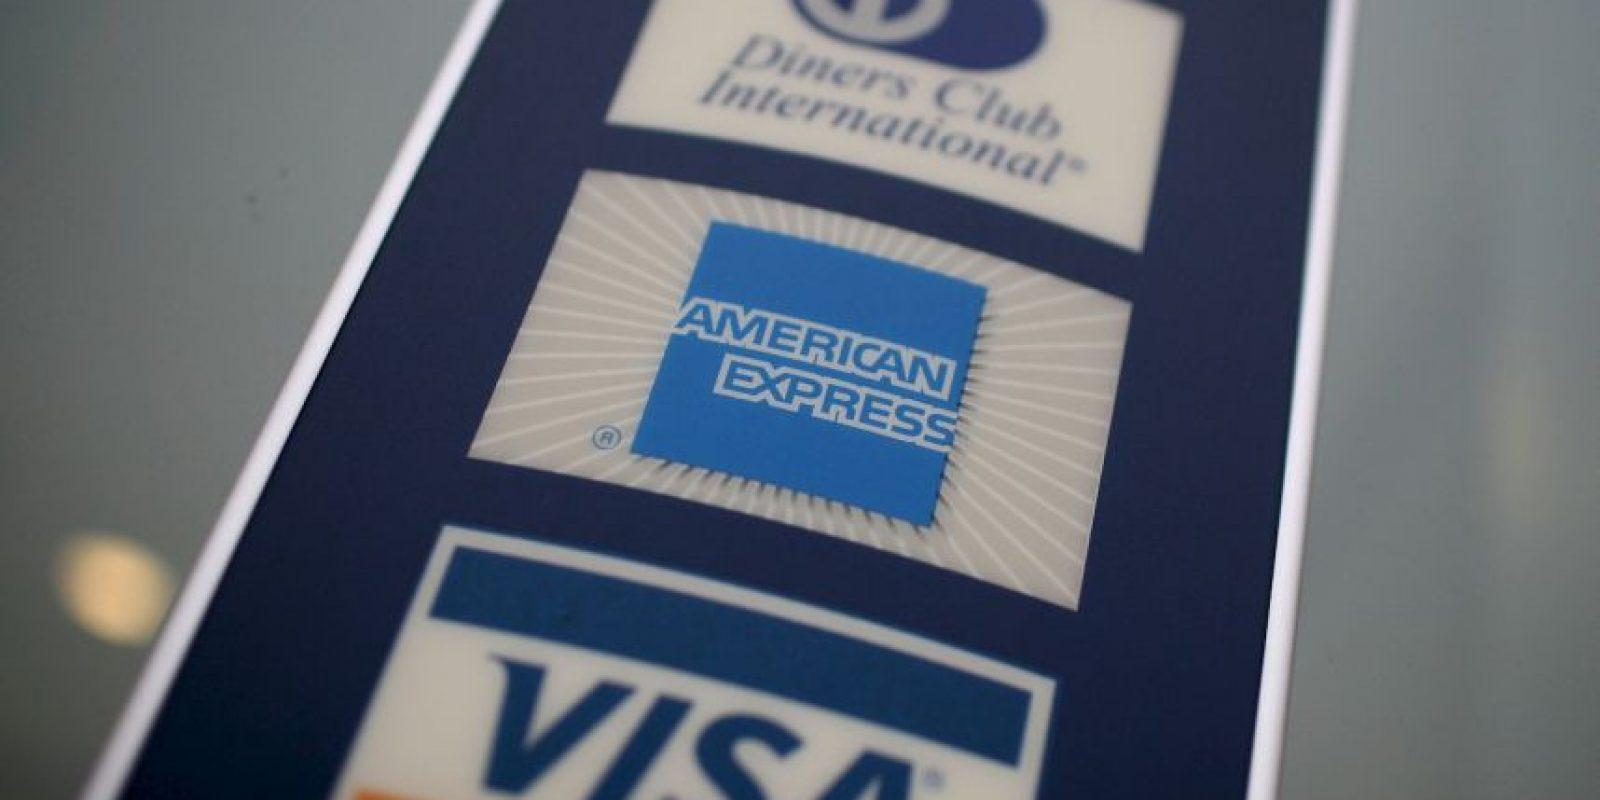 Las tarjetas de crédito estadounidenses se podrán usar. Foto:Getty Images